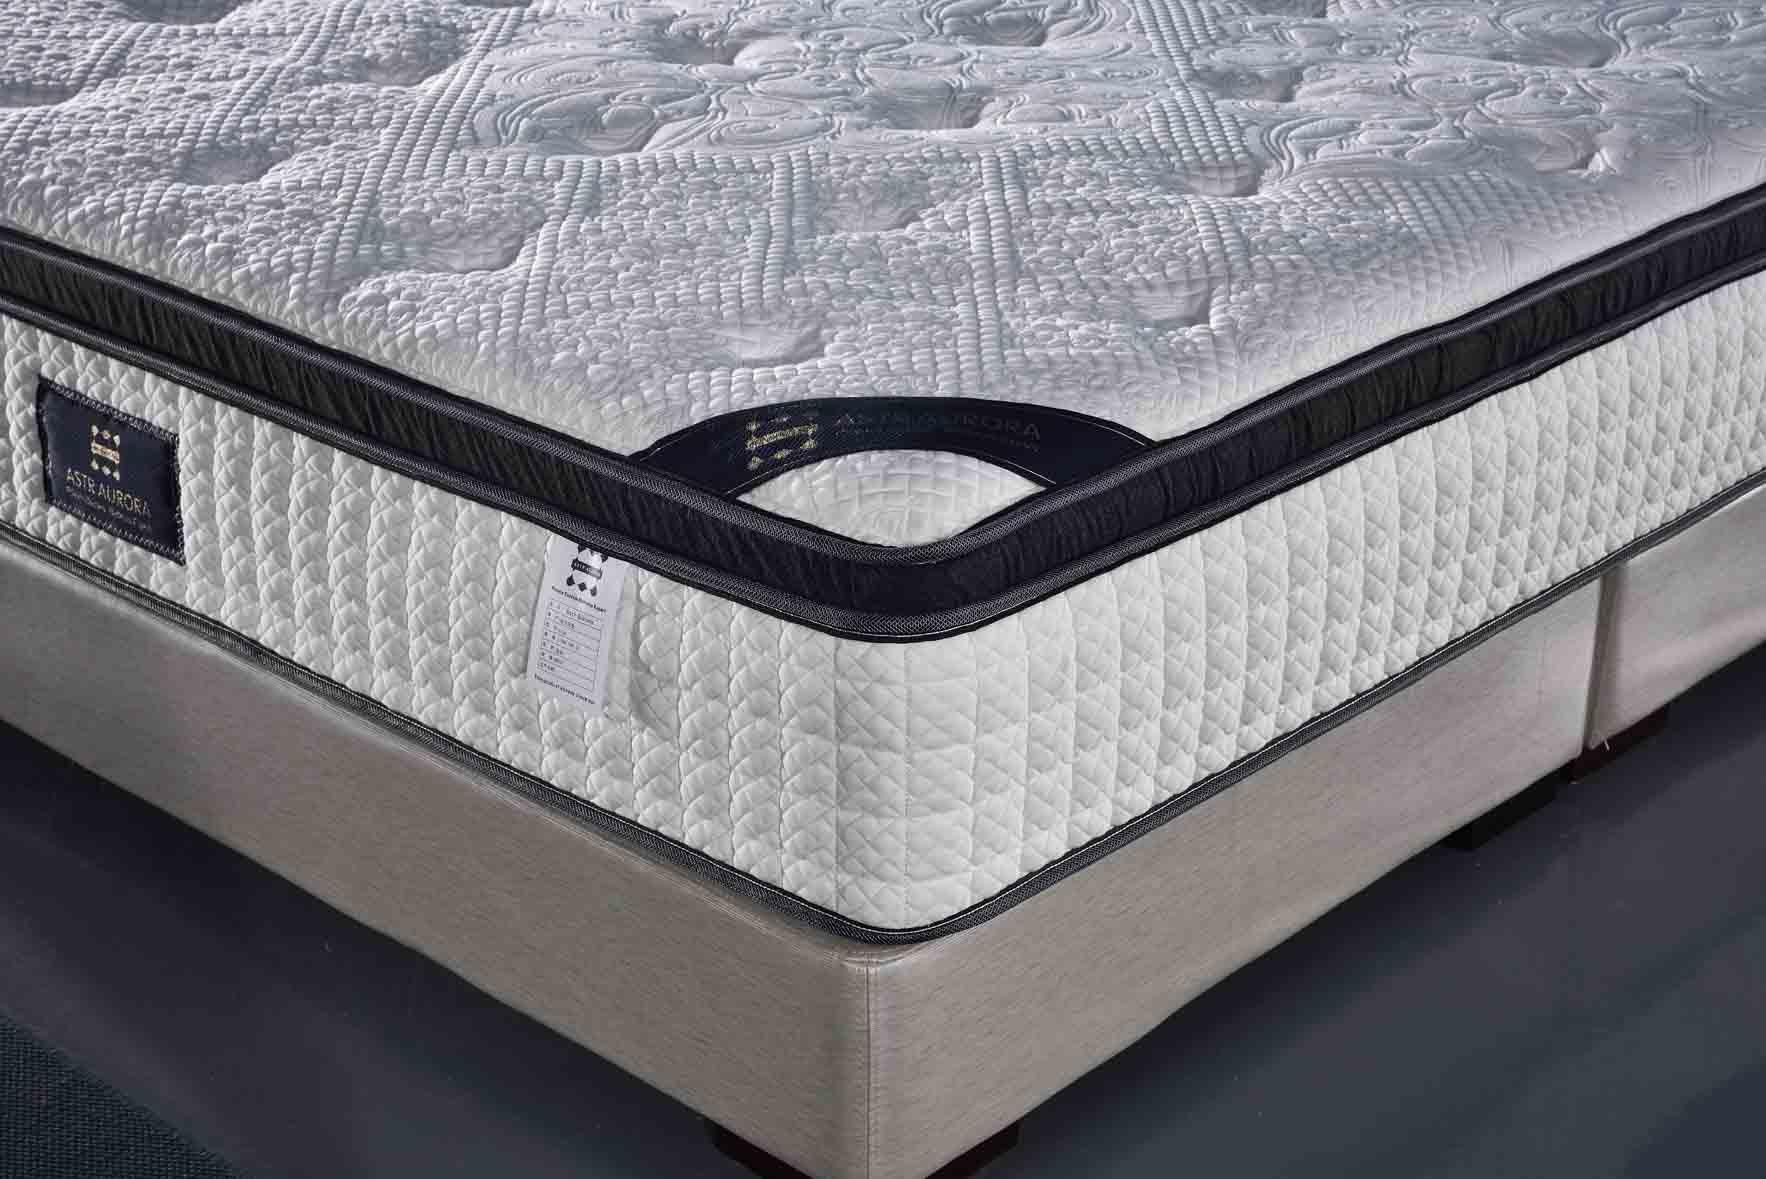 成都网红星夜床垫全国发货 苏州星夜家居科技供应